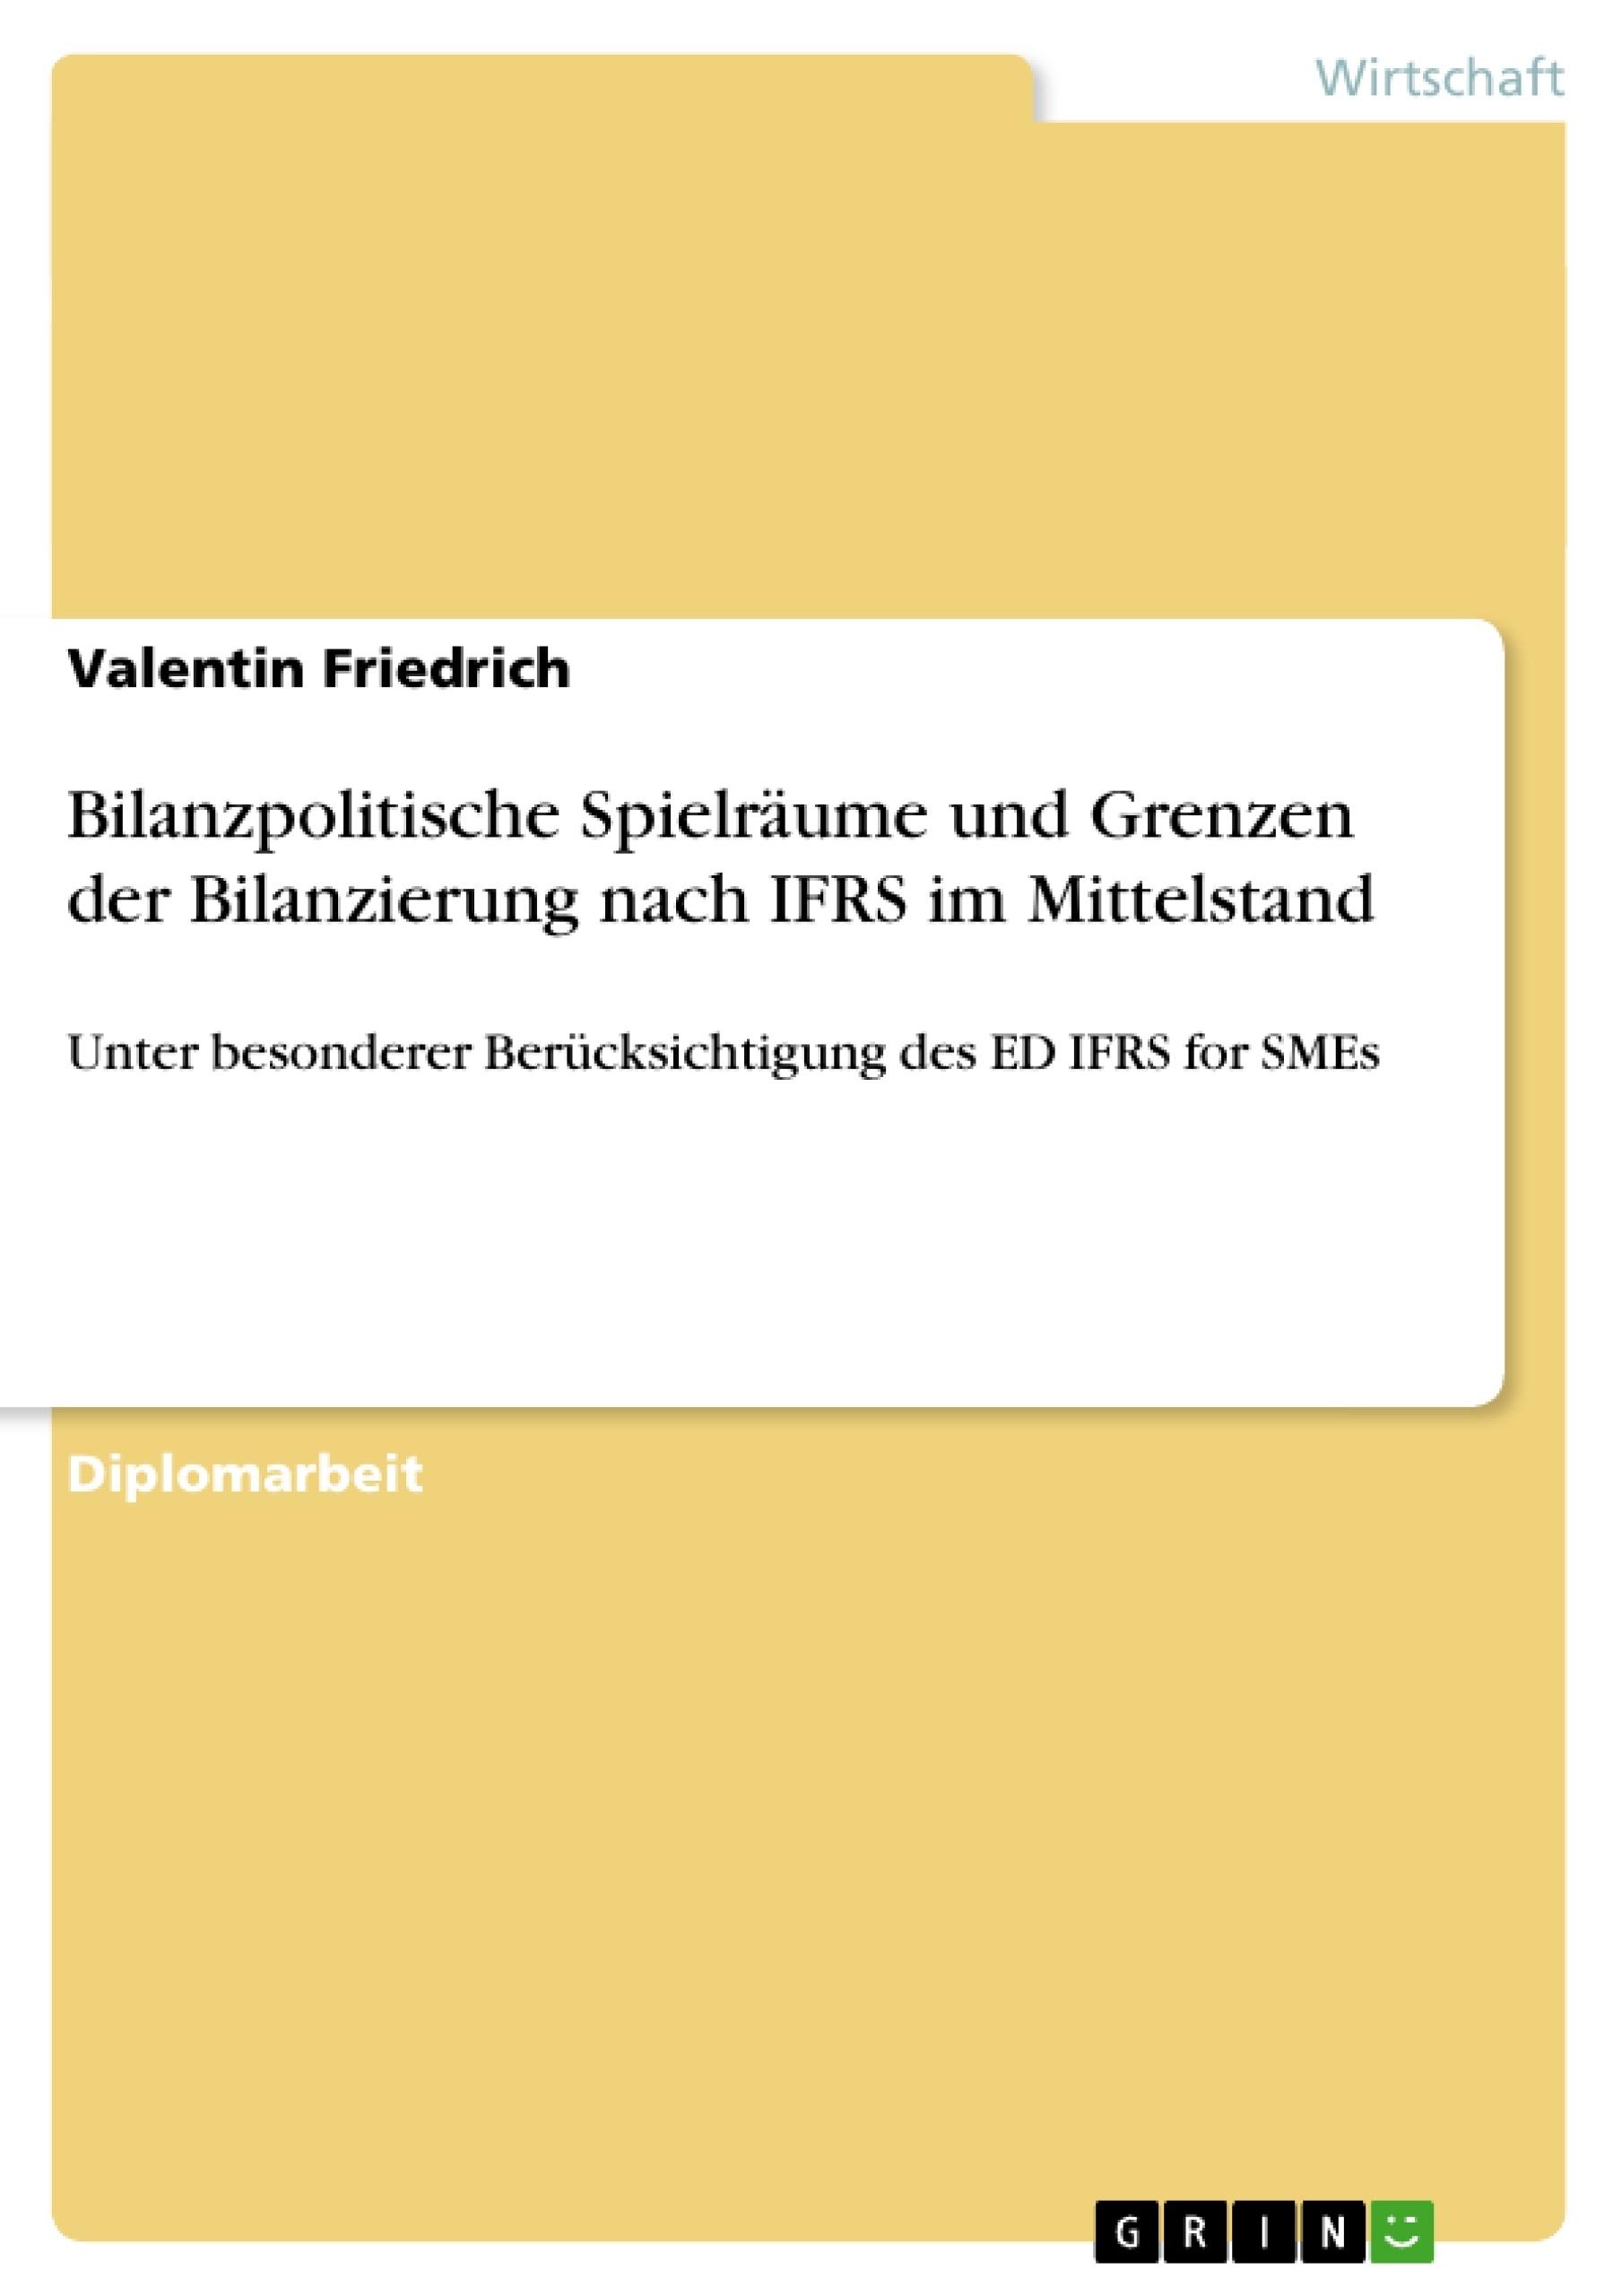 Titel: Bilanzpolitische Spielräume und Grenzen der Bilanzierung nach IFRS im Mittelstand